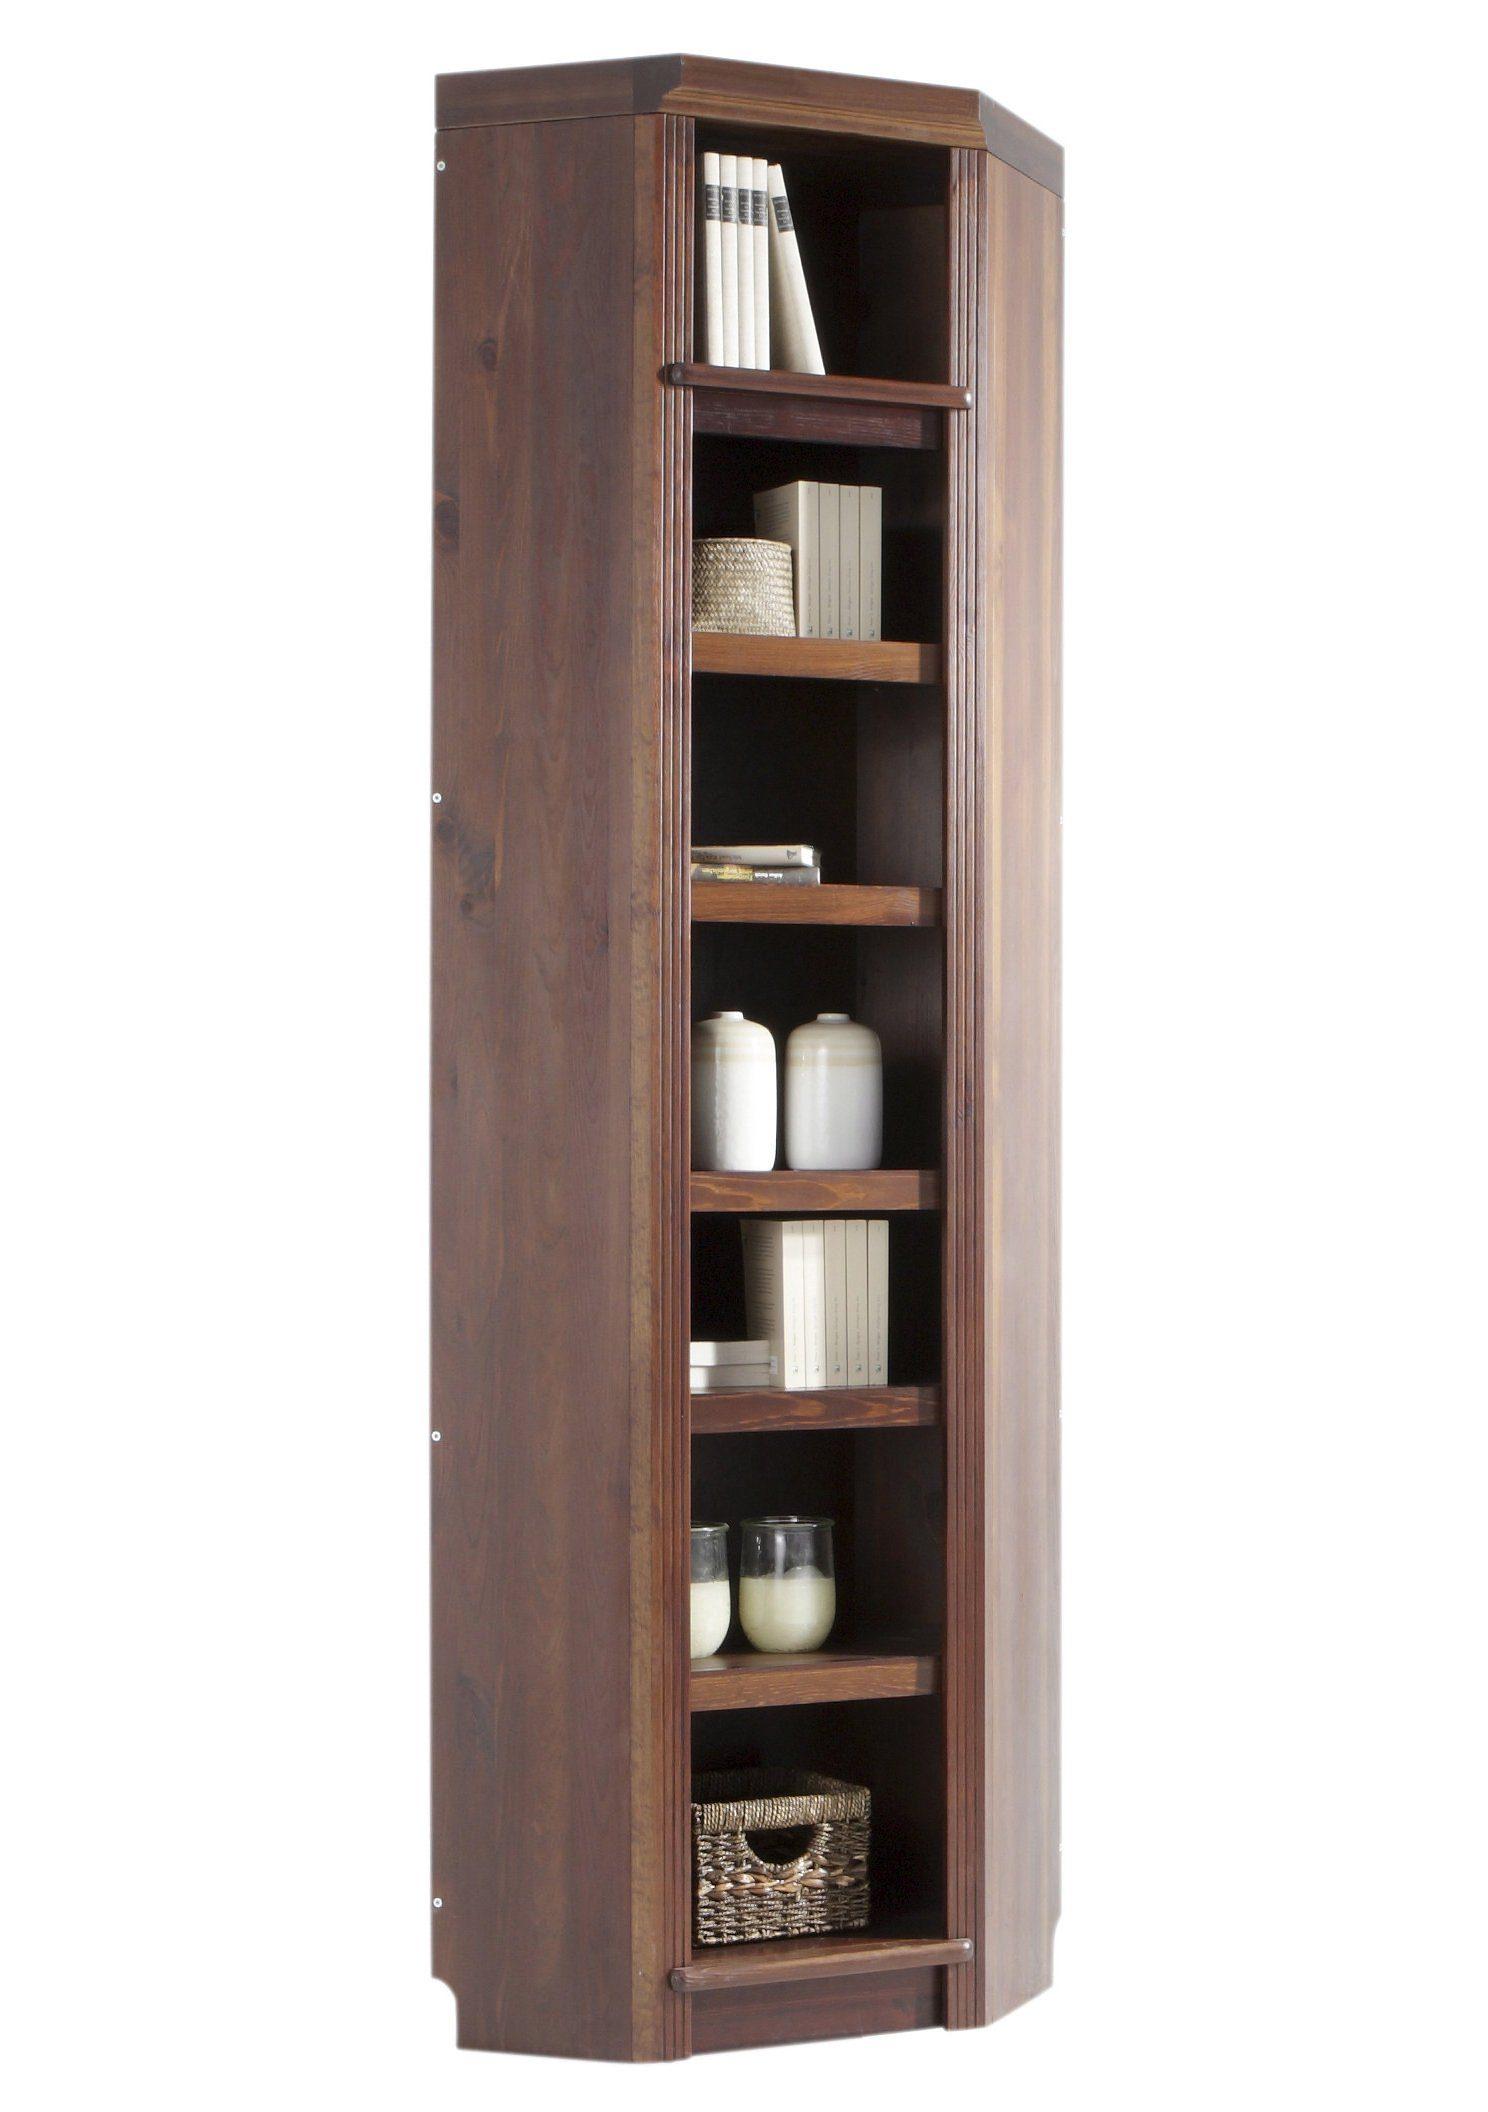 eckregal serie soeren preise vergleichen und g nstig einkaufen bei der preis. Black Bedroom Furniture Sets. Home Design Ideas